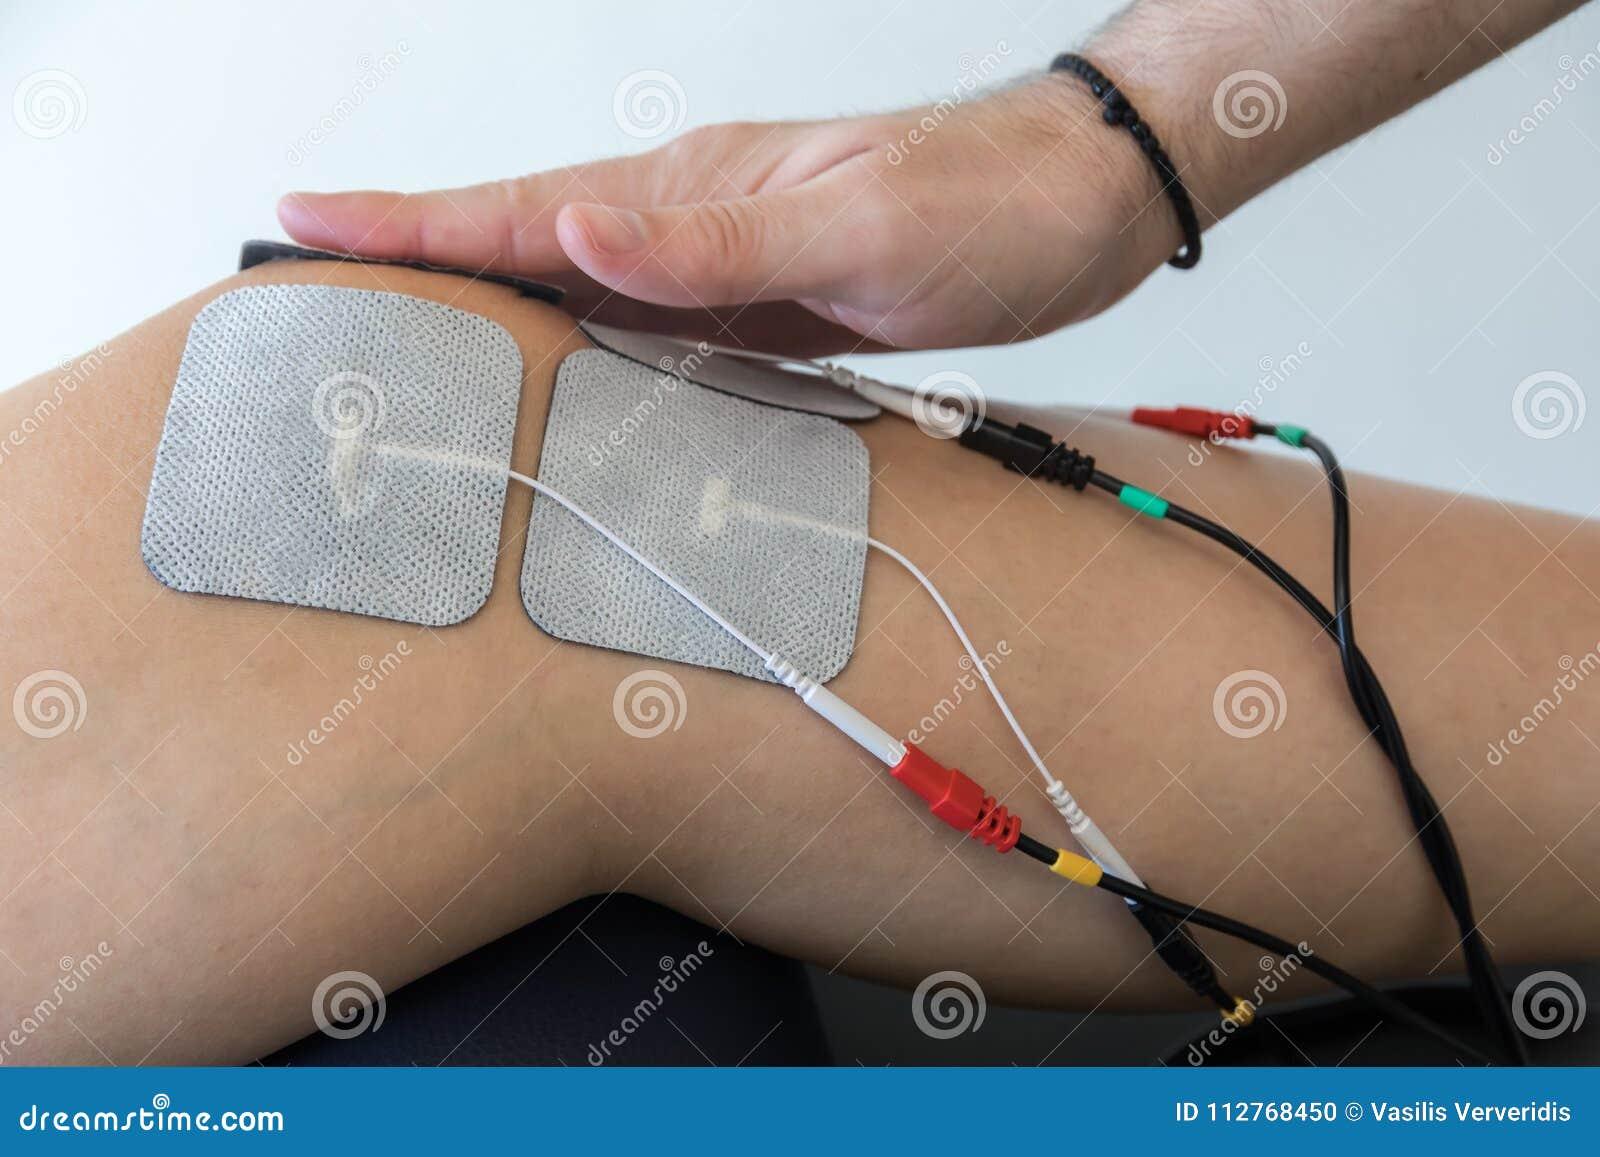 Ηλεκτρονική θεραπεία στο γόνατο που χρησιμοποιείται για να μεταχειριστεί τον πόνο